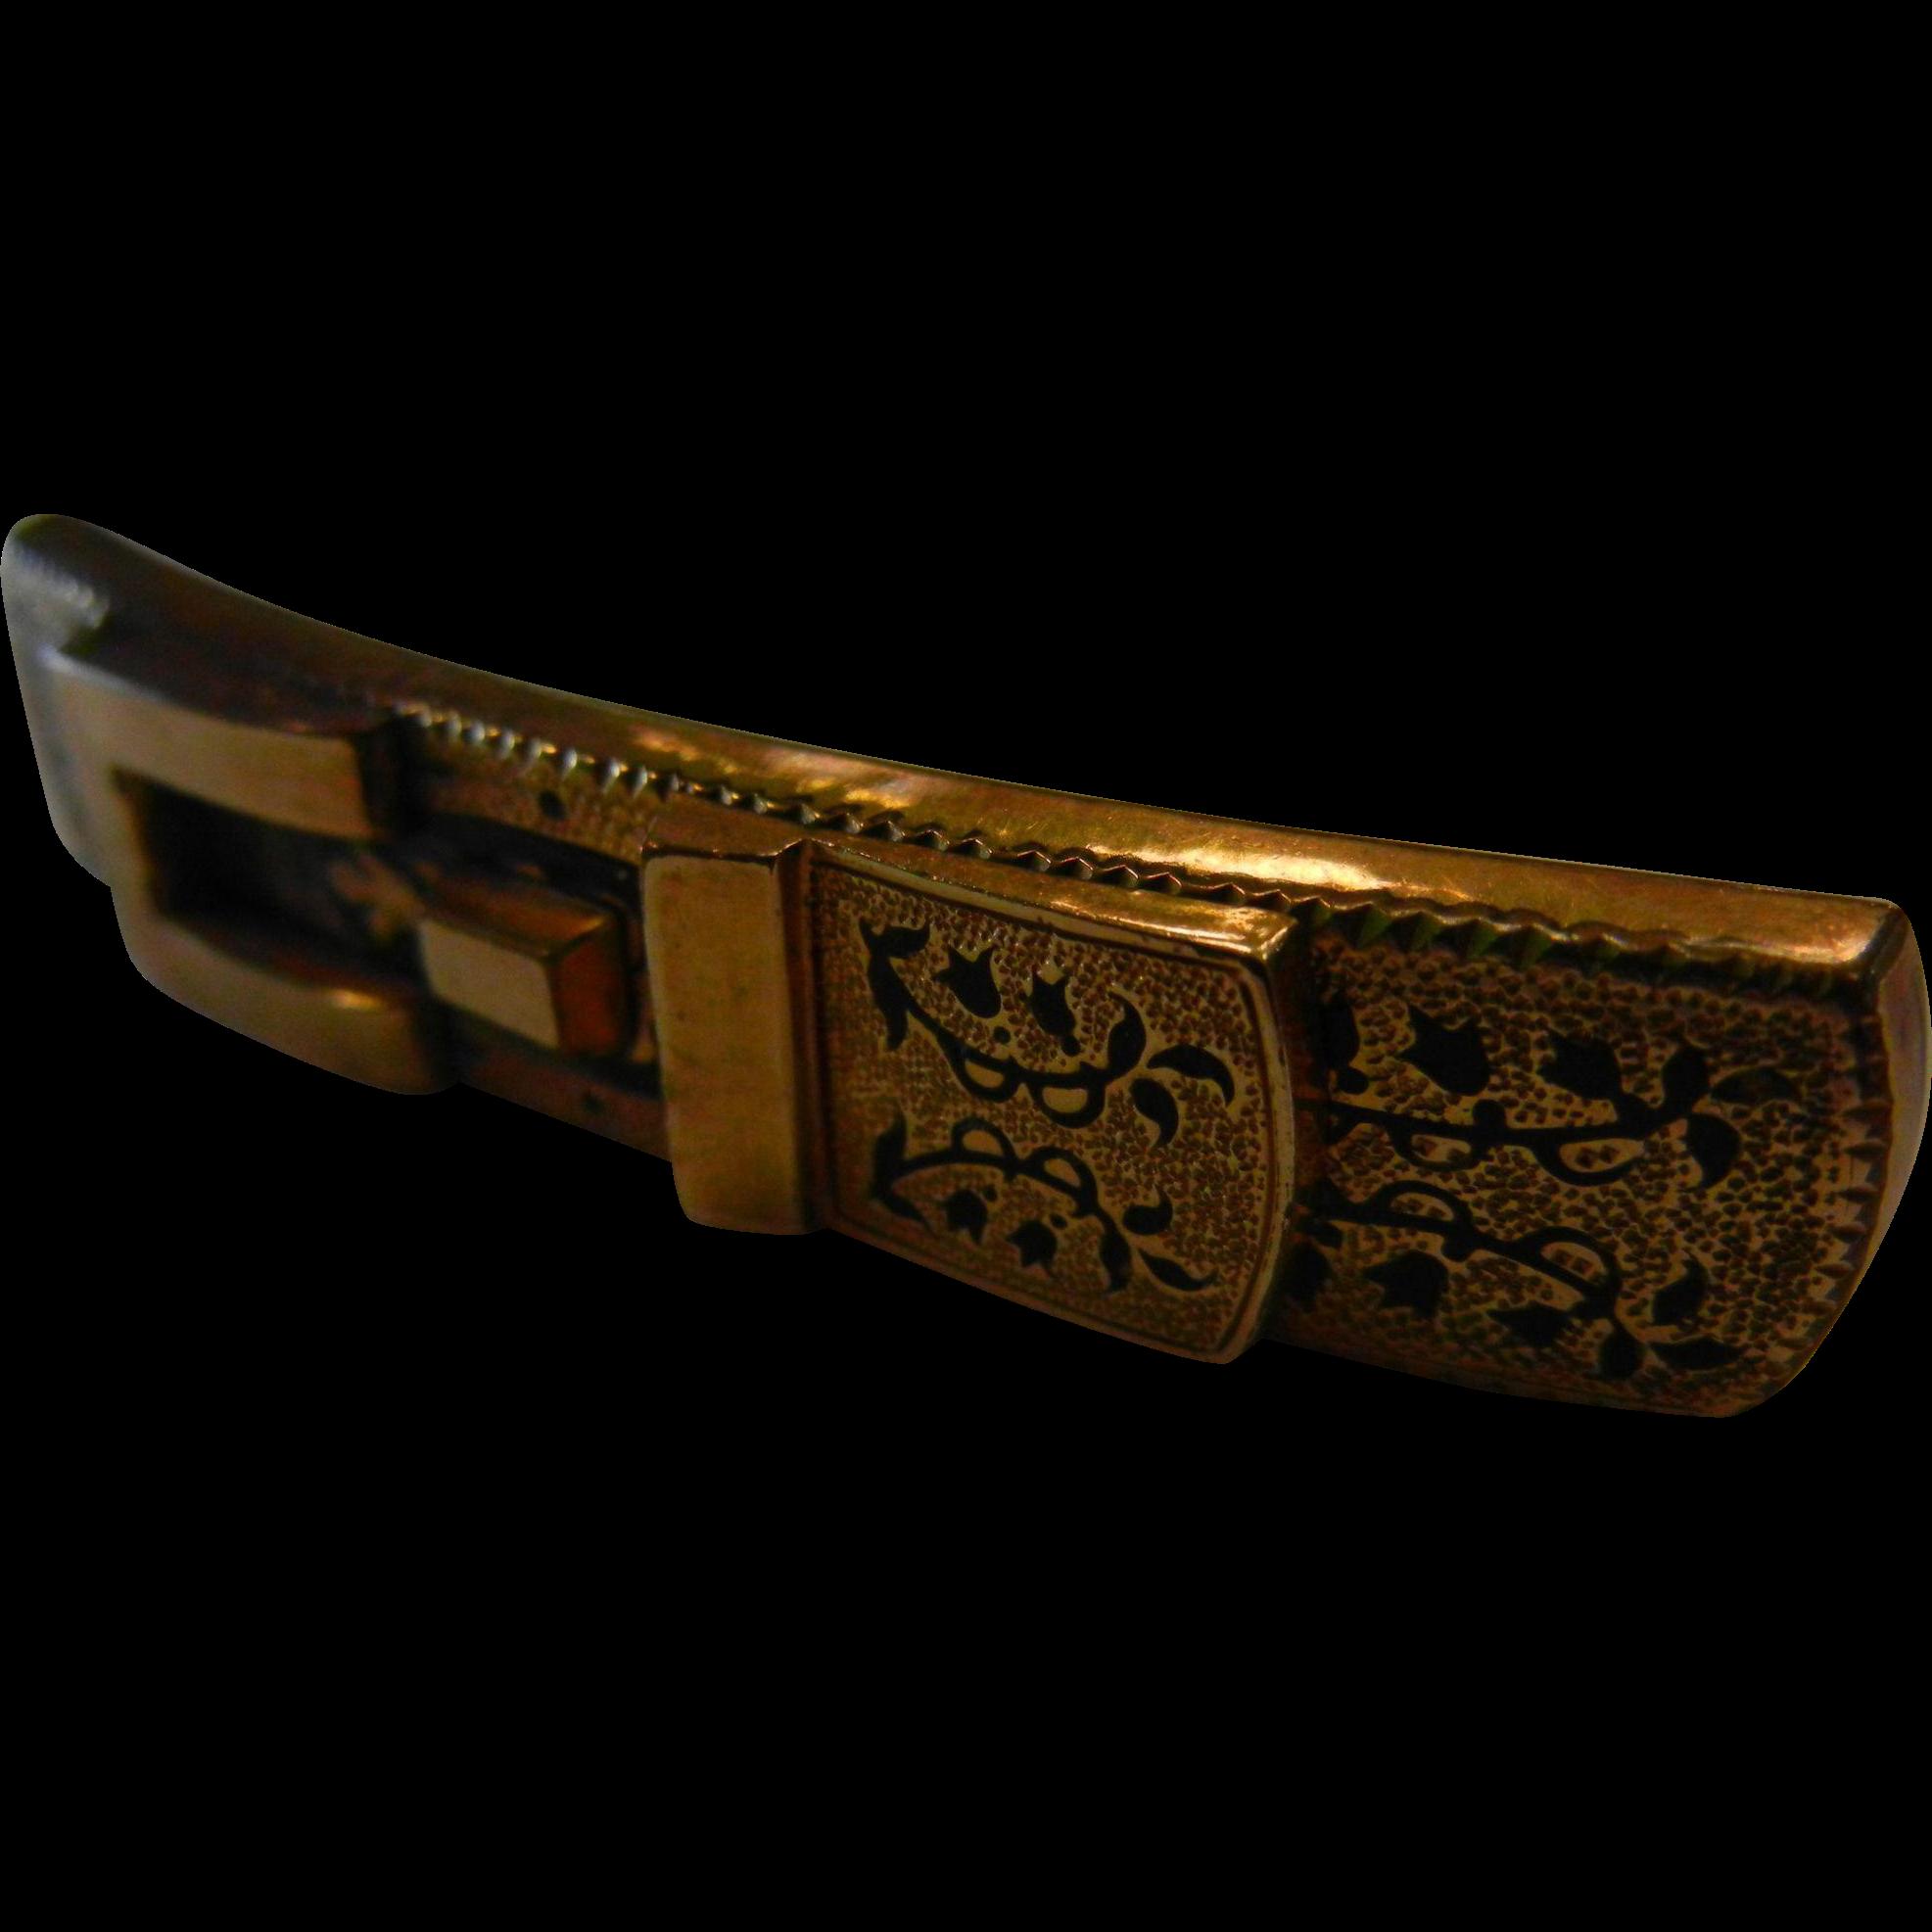 Vintage Gold Filled Buckle Brooch